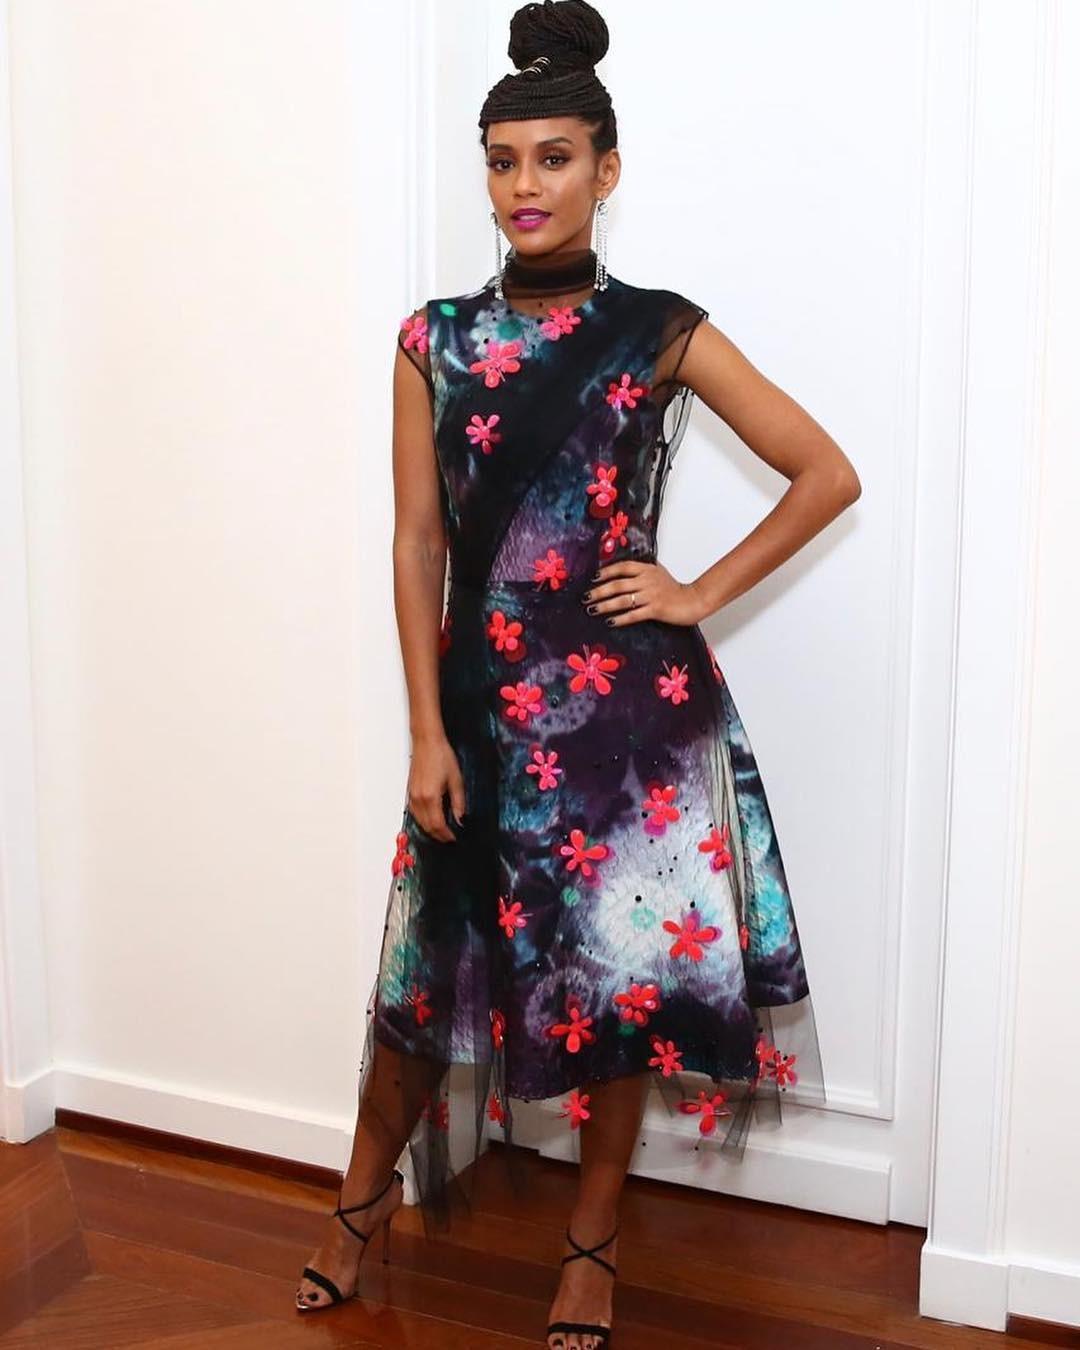 Taís Araujo brilha muito na festa de lançamento da Vogue Rio (Foto: Arquivo Vogue)